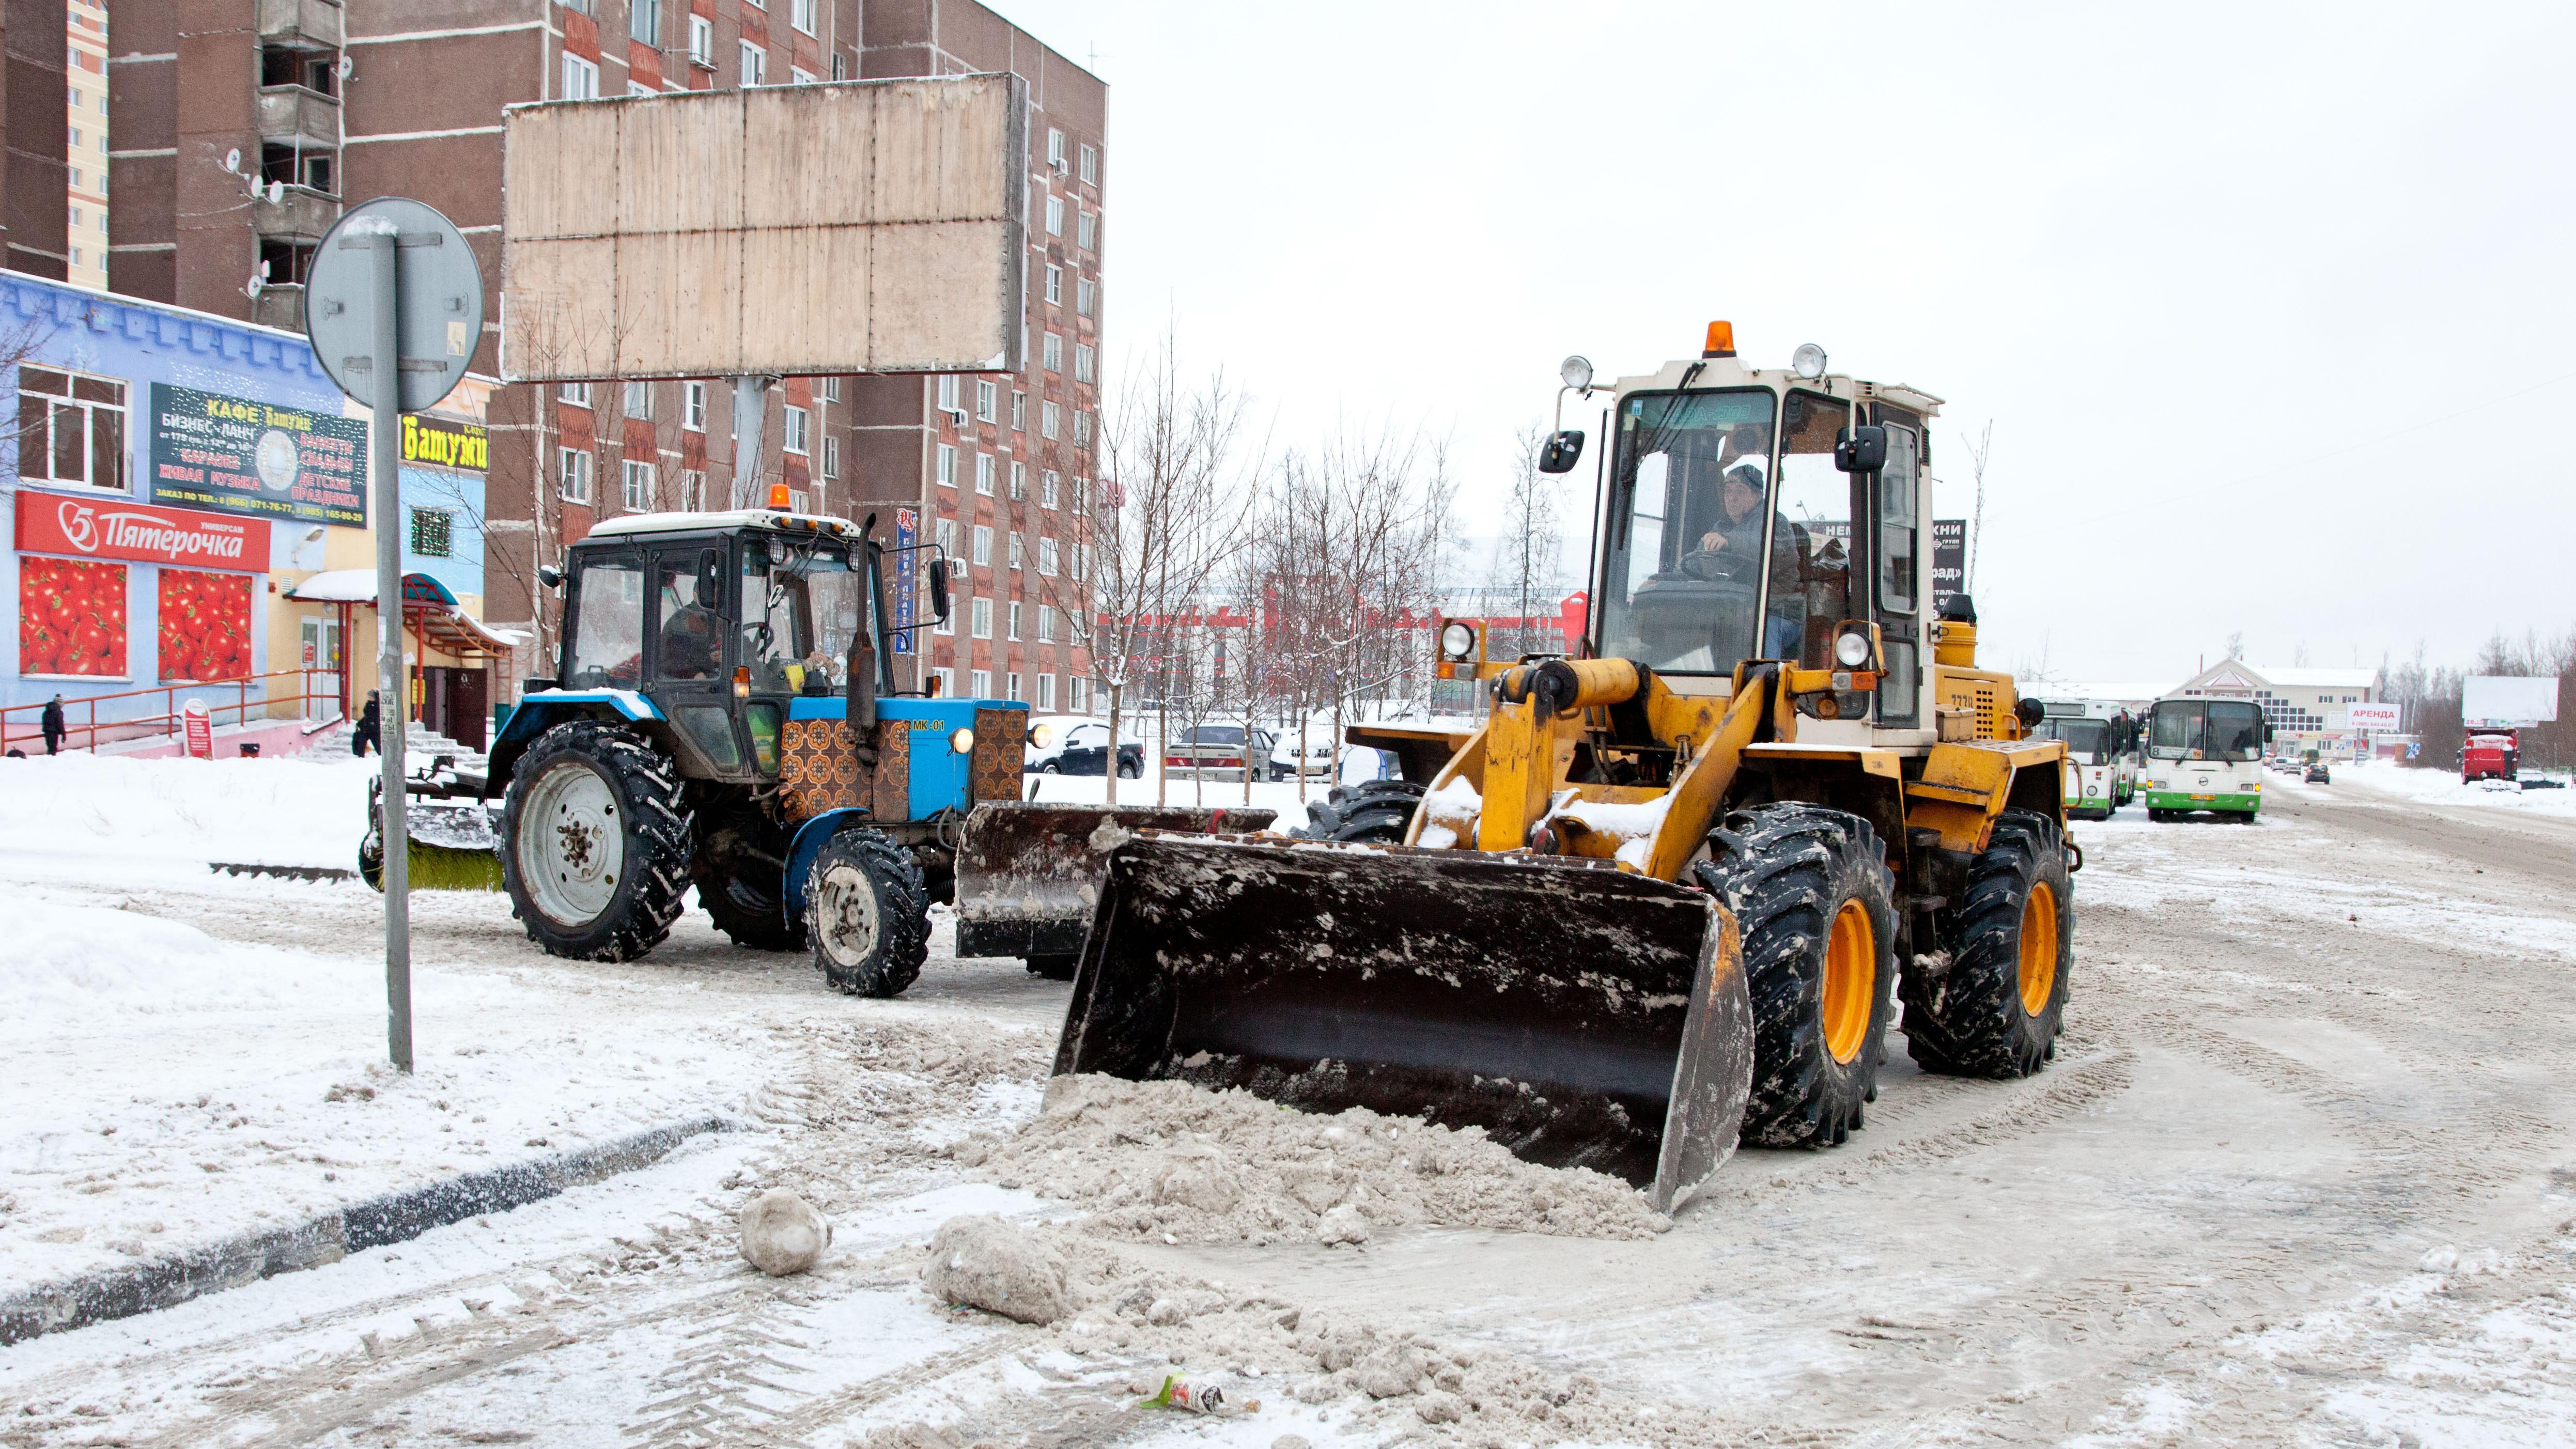 Андрей Воробьев поручил главам муниципалитетов внимательно контролировать уборку снега